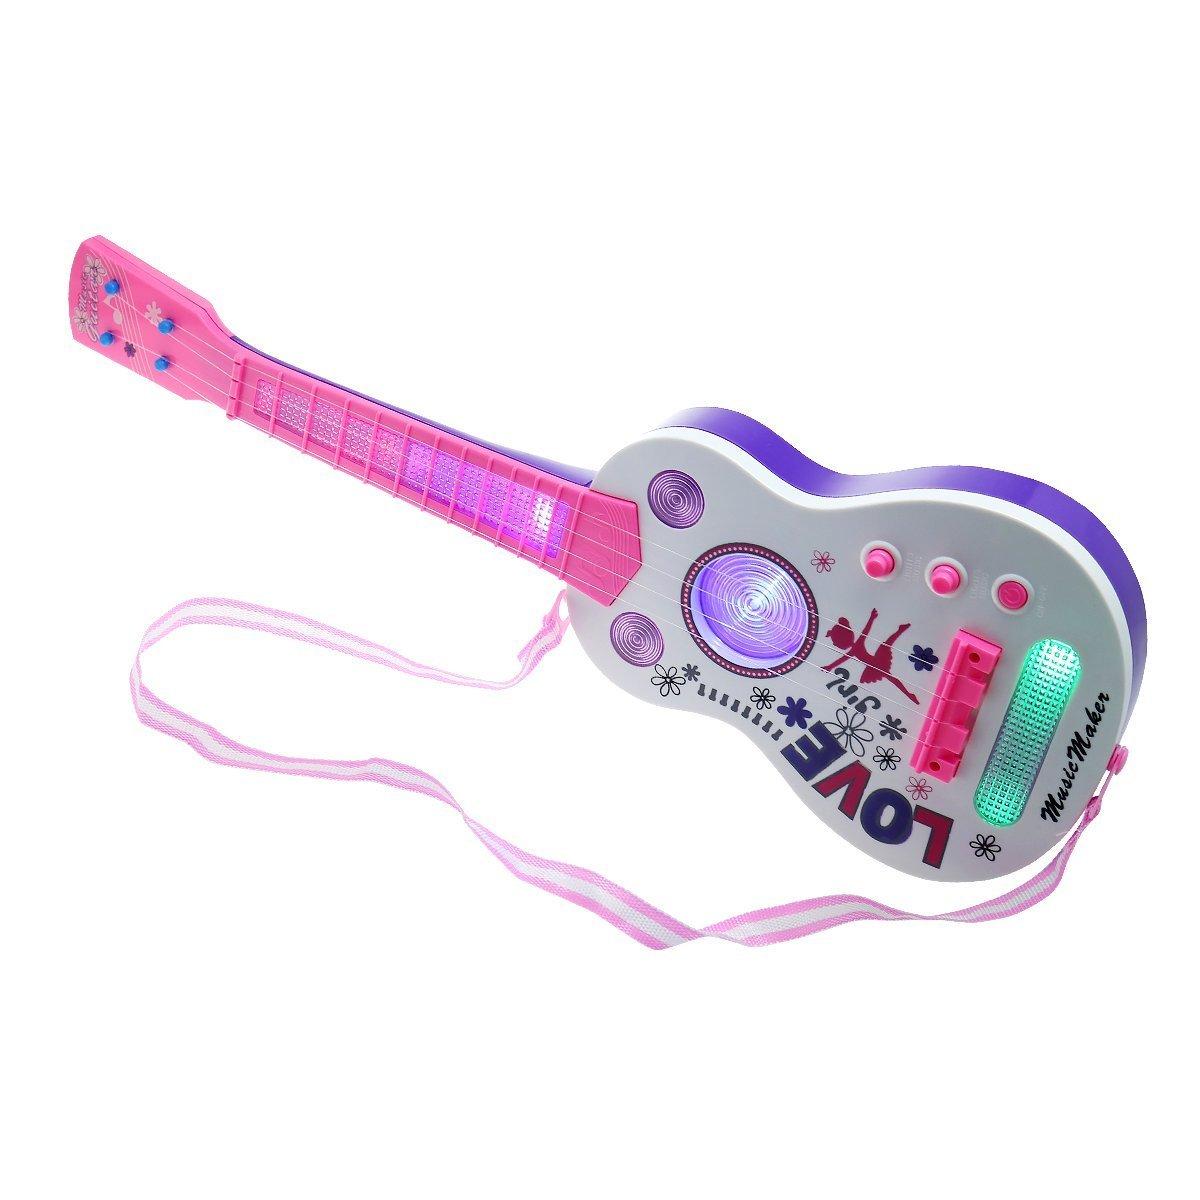 Guitarra eléctrica para niños, aPerfectLife Multi-función Niños ...